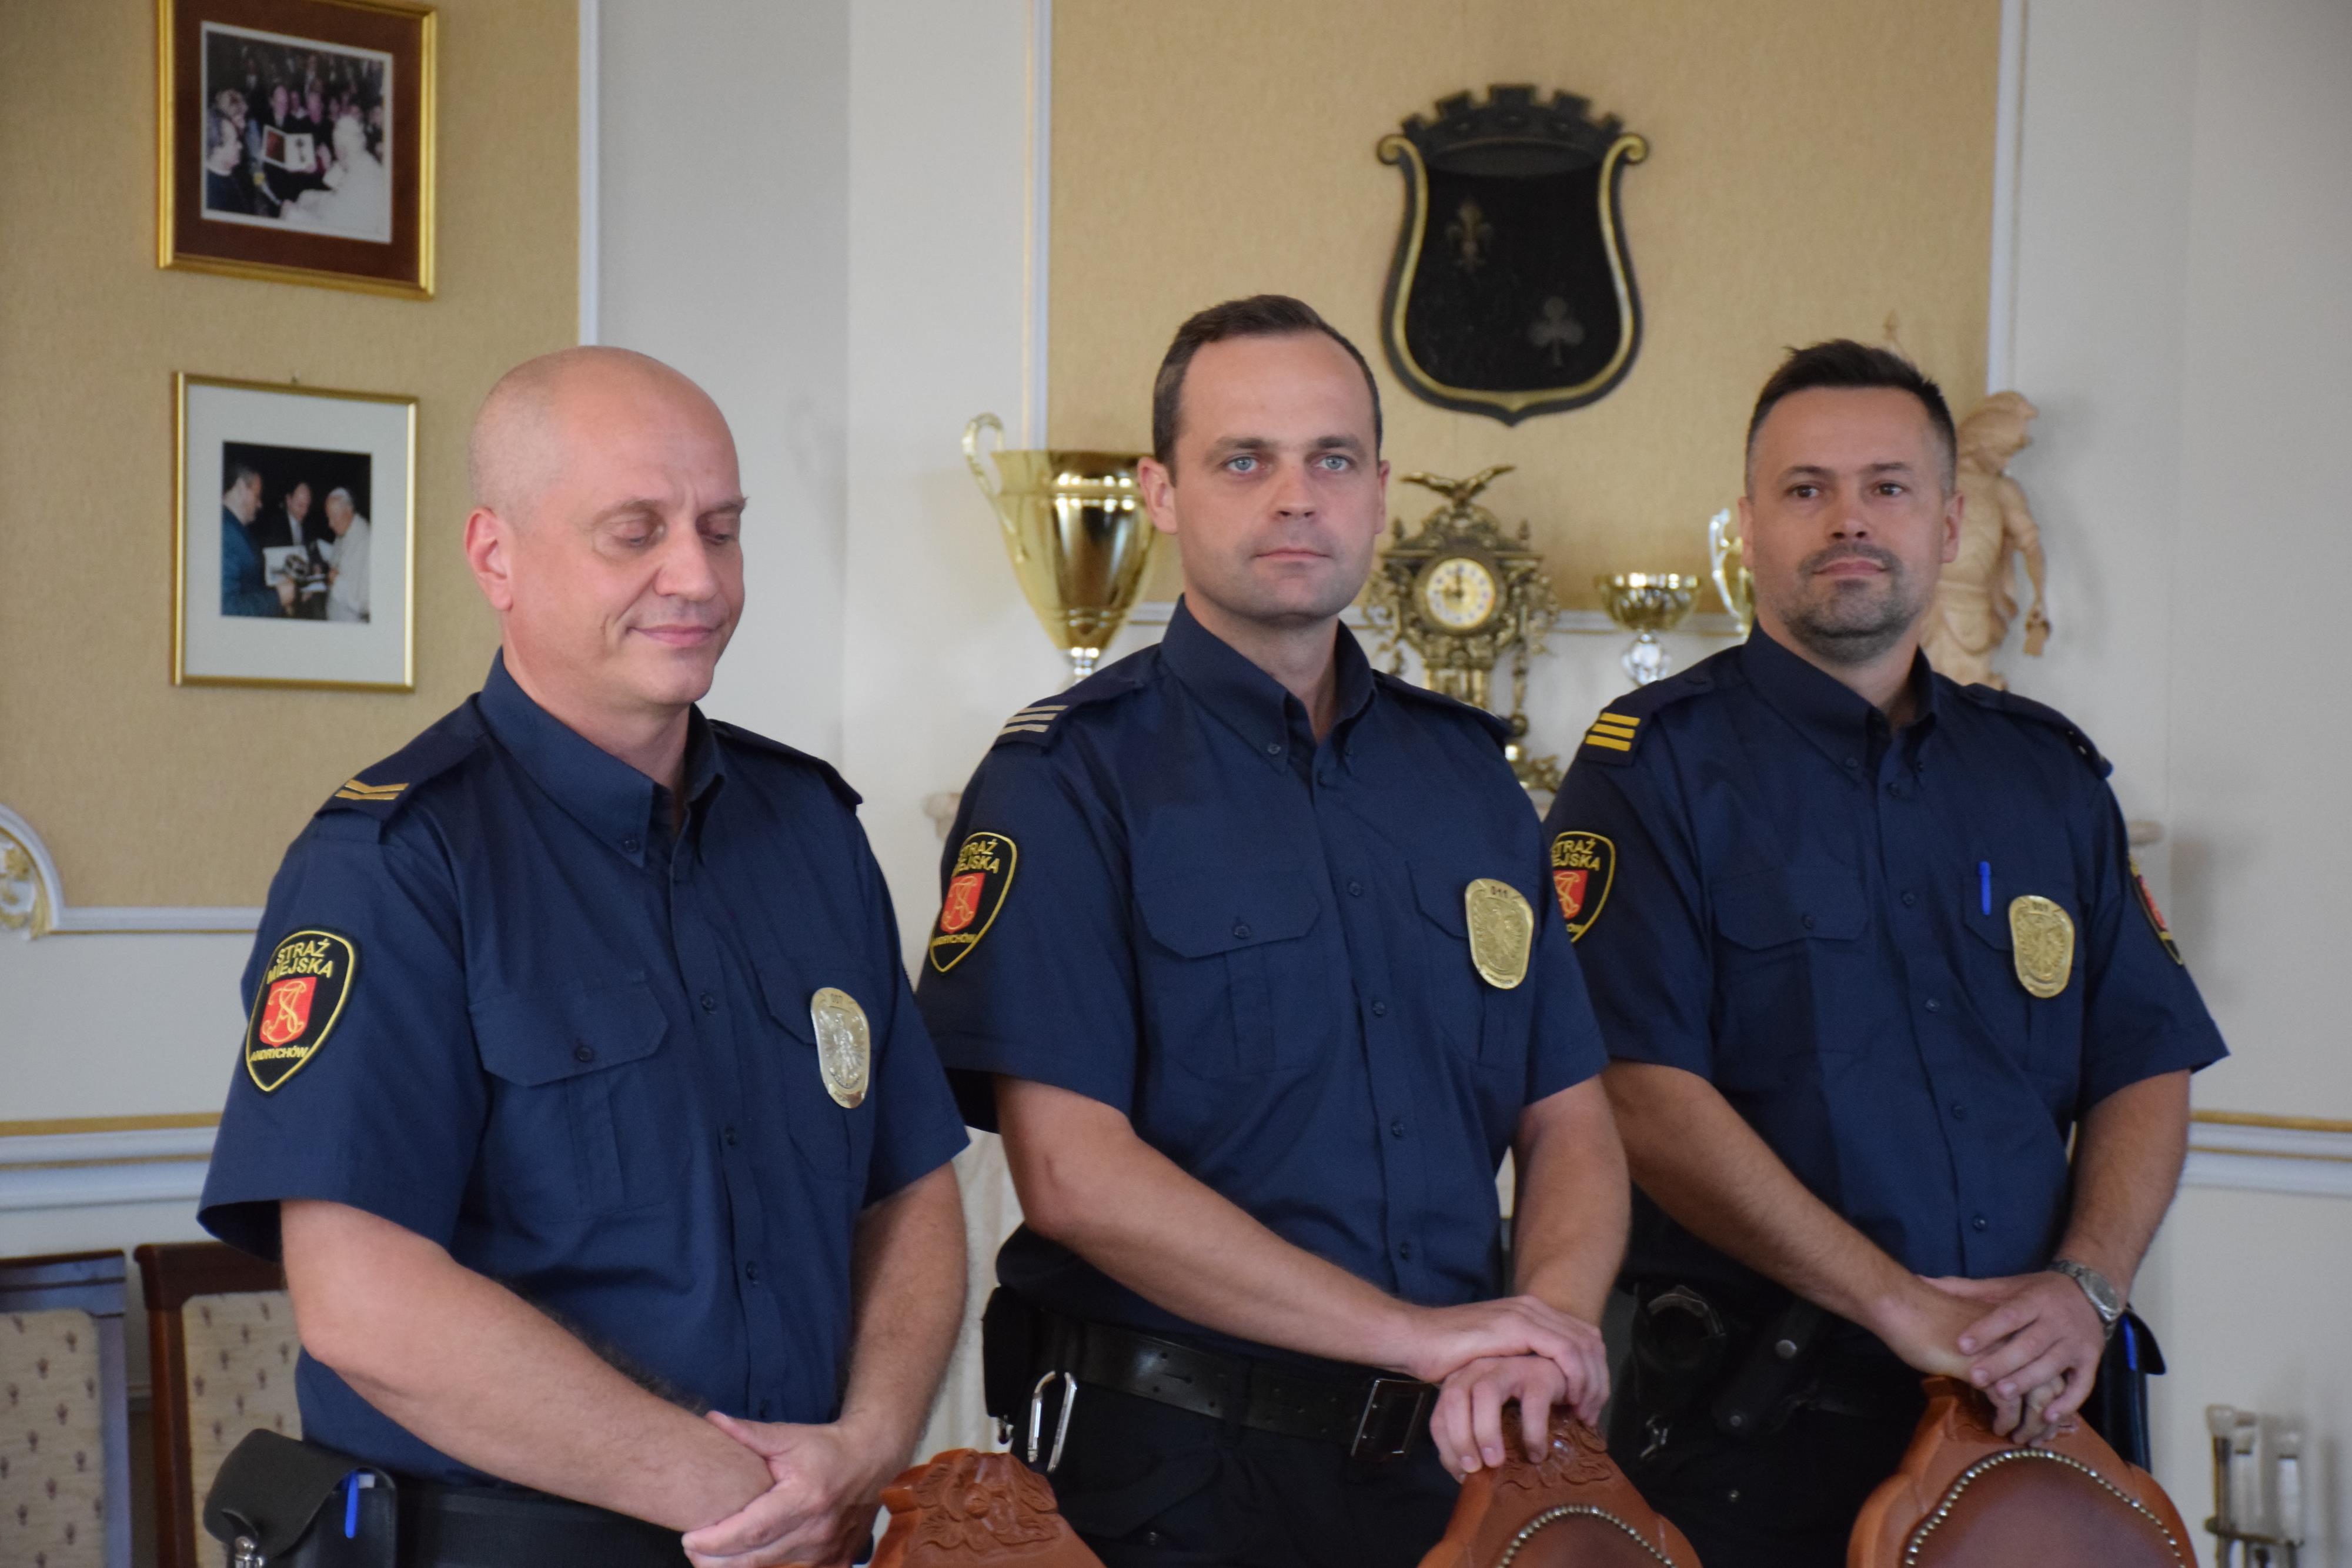 Burmistrz awansował strażników miejskich [FOTO]